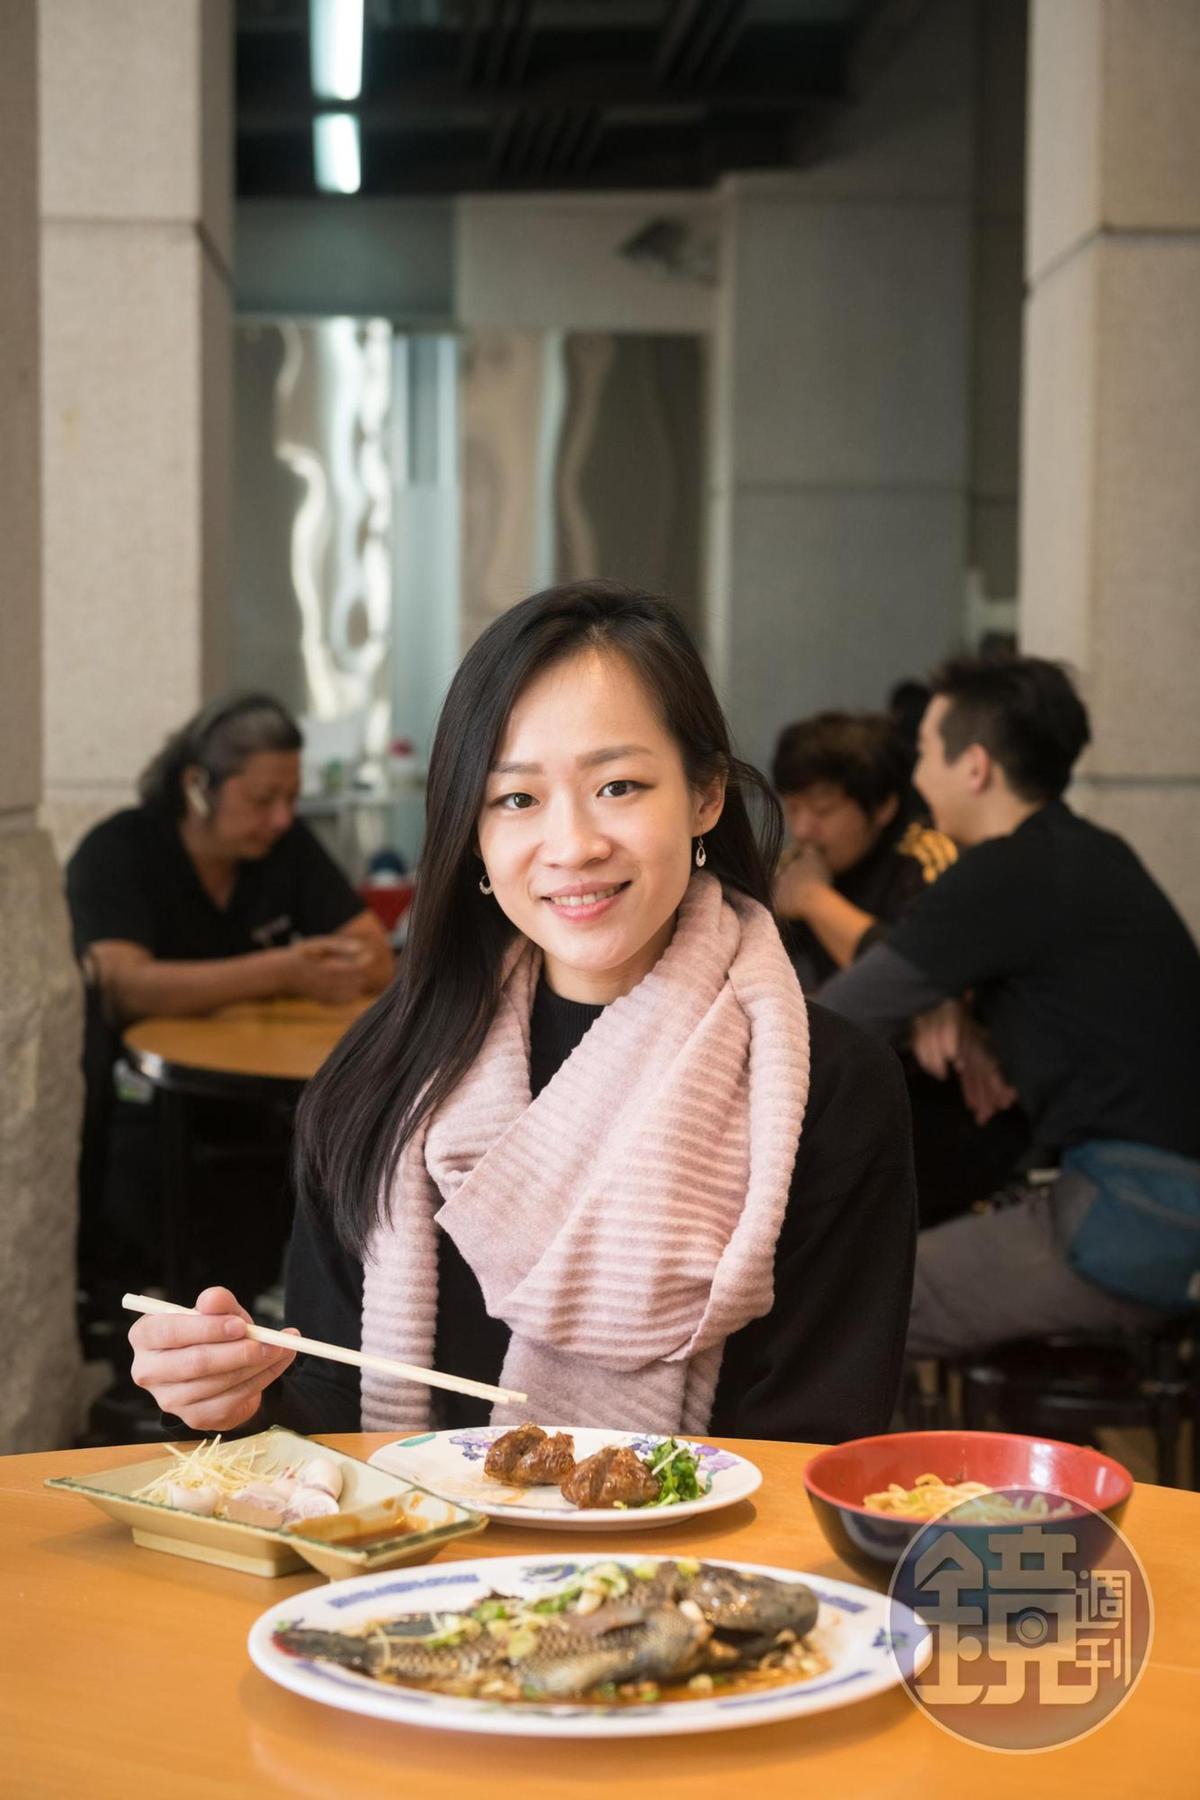 台中超人氣法式甜點店「CJSJ」老闆莊如,特別喜歡非市區的台中小吃。